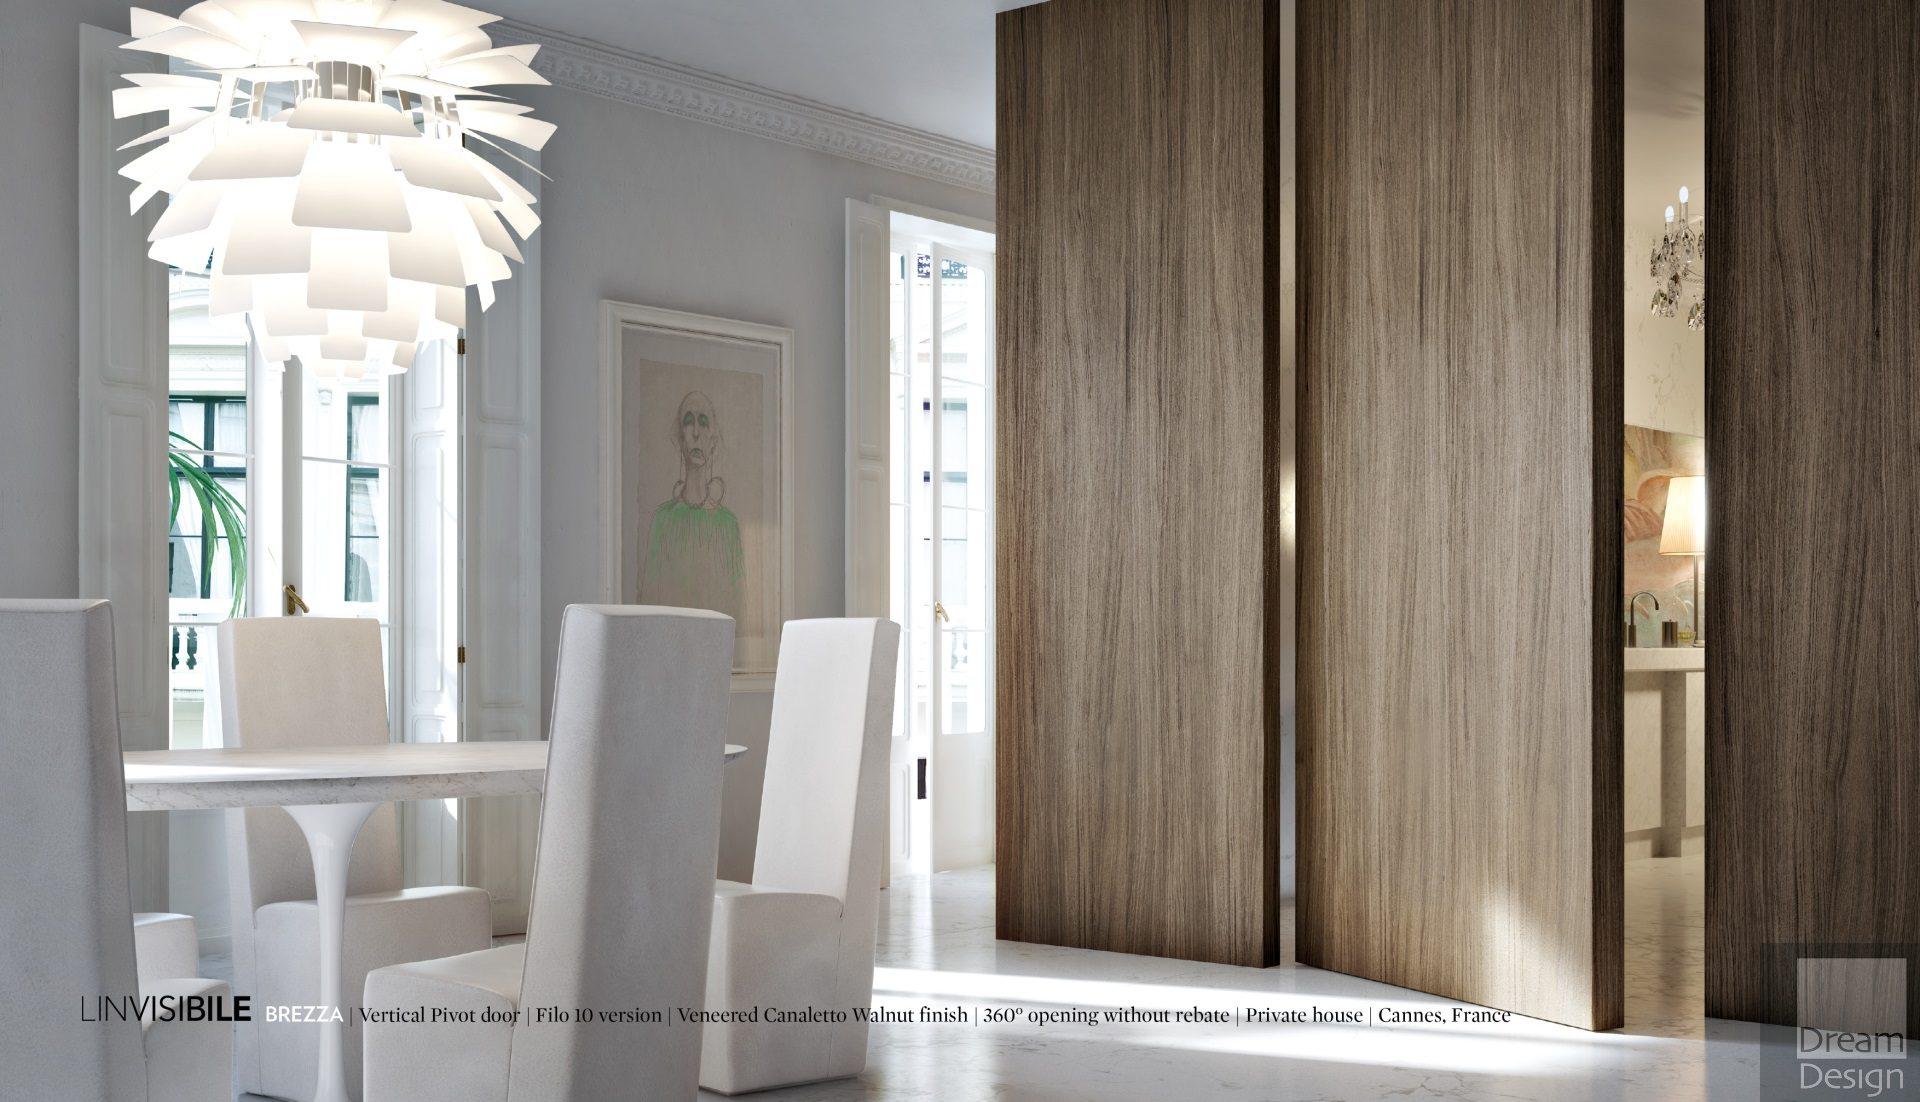 Linvisibile Brezza Filo 10 Vertical Pivot Doors